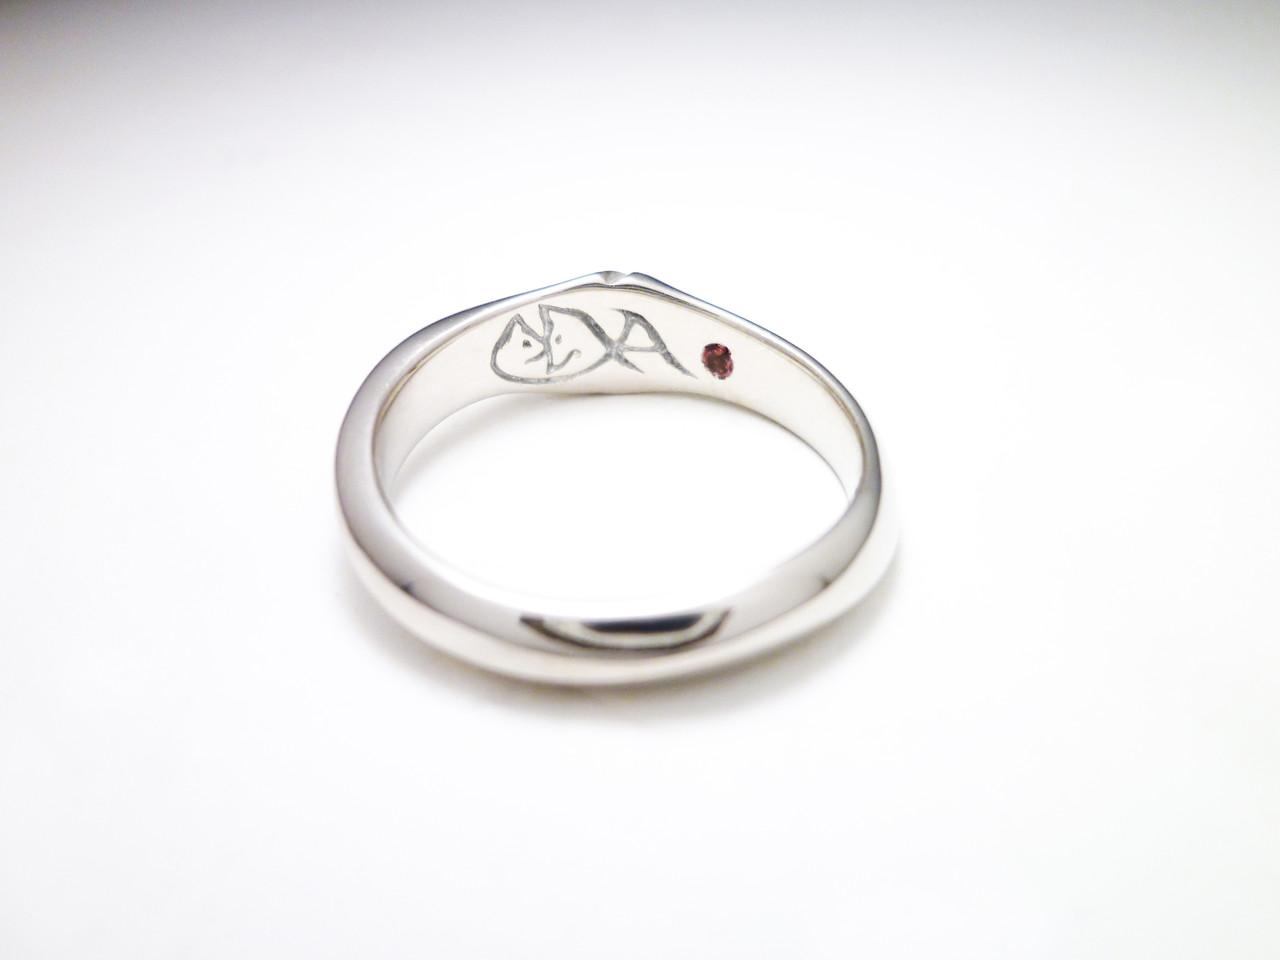 プラチナマリッジリング Platinum marriage ring